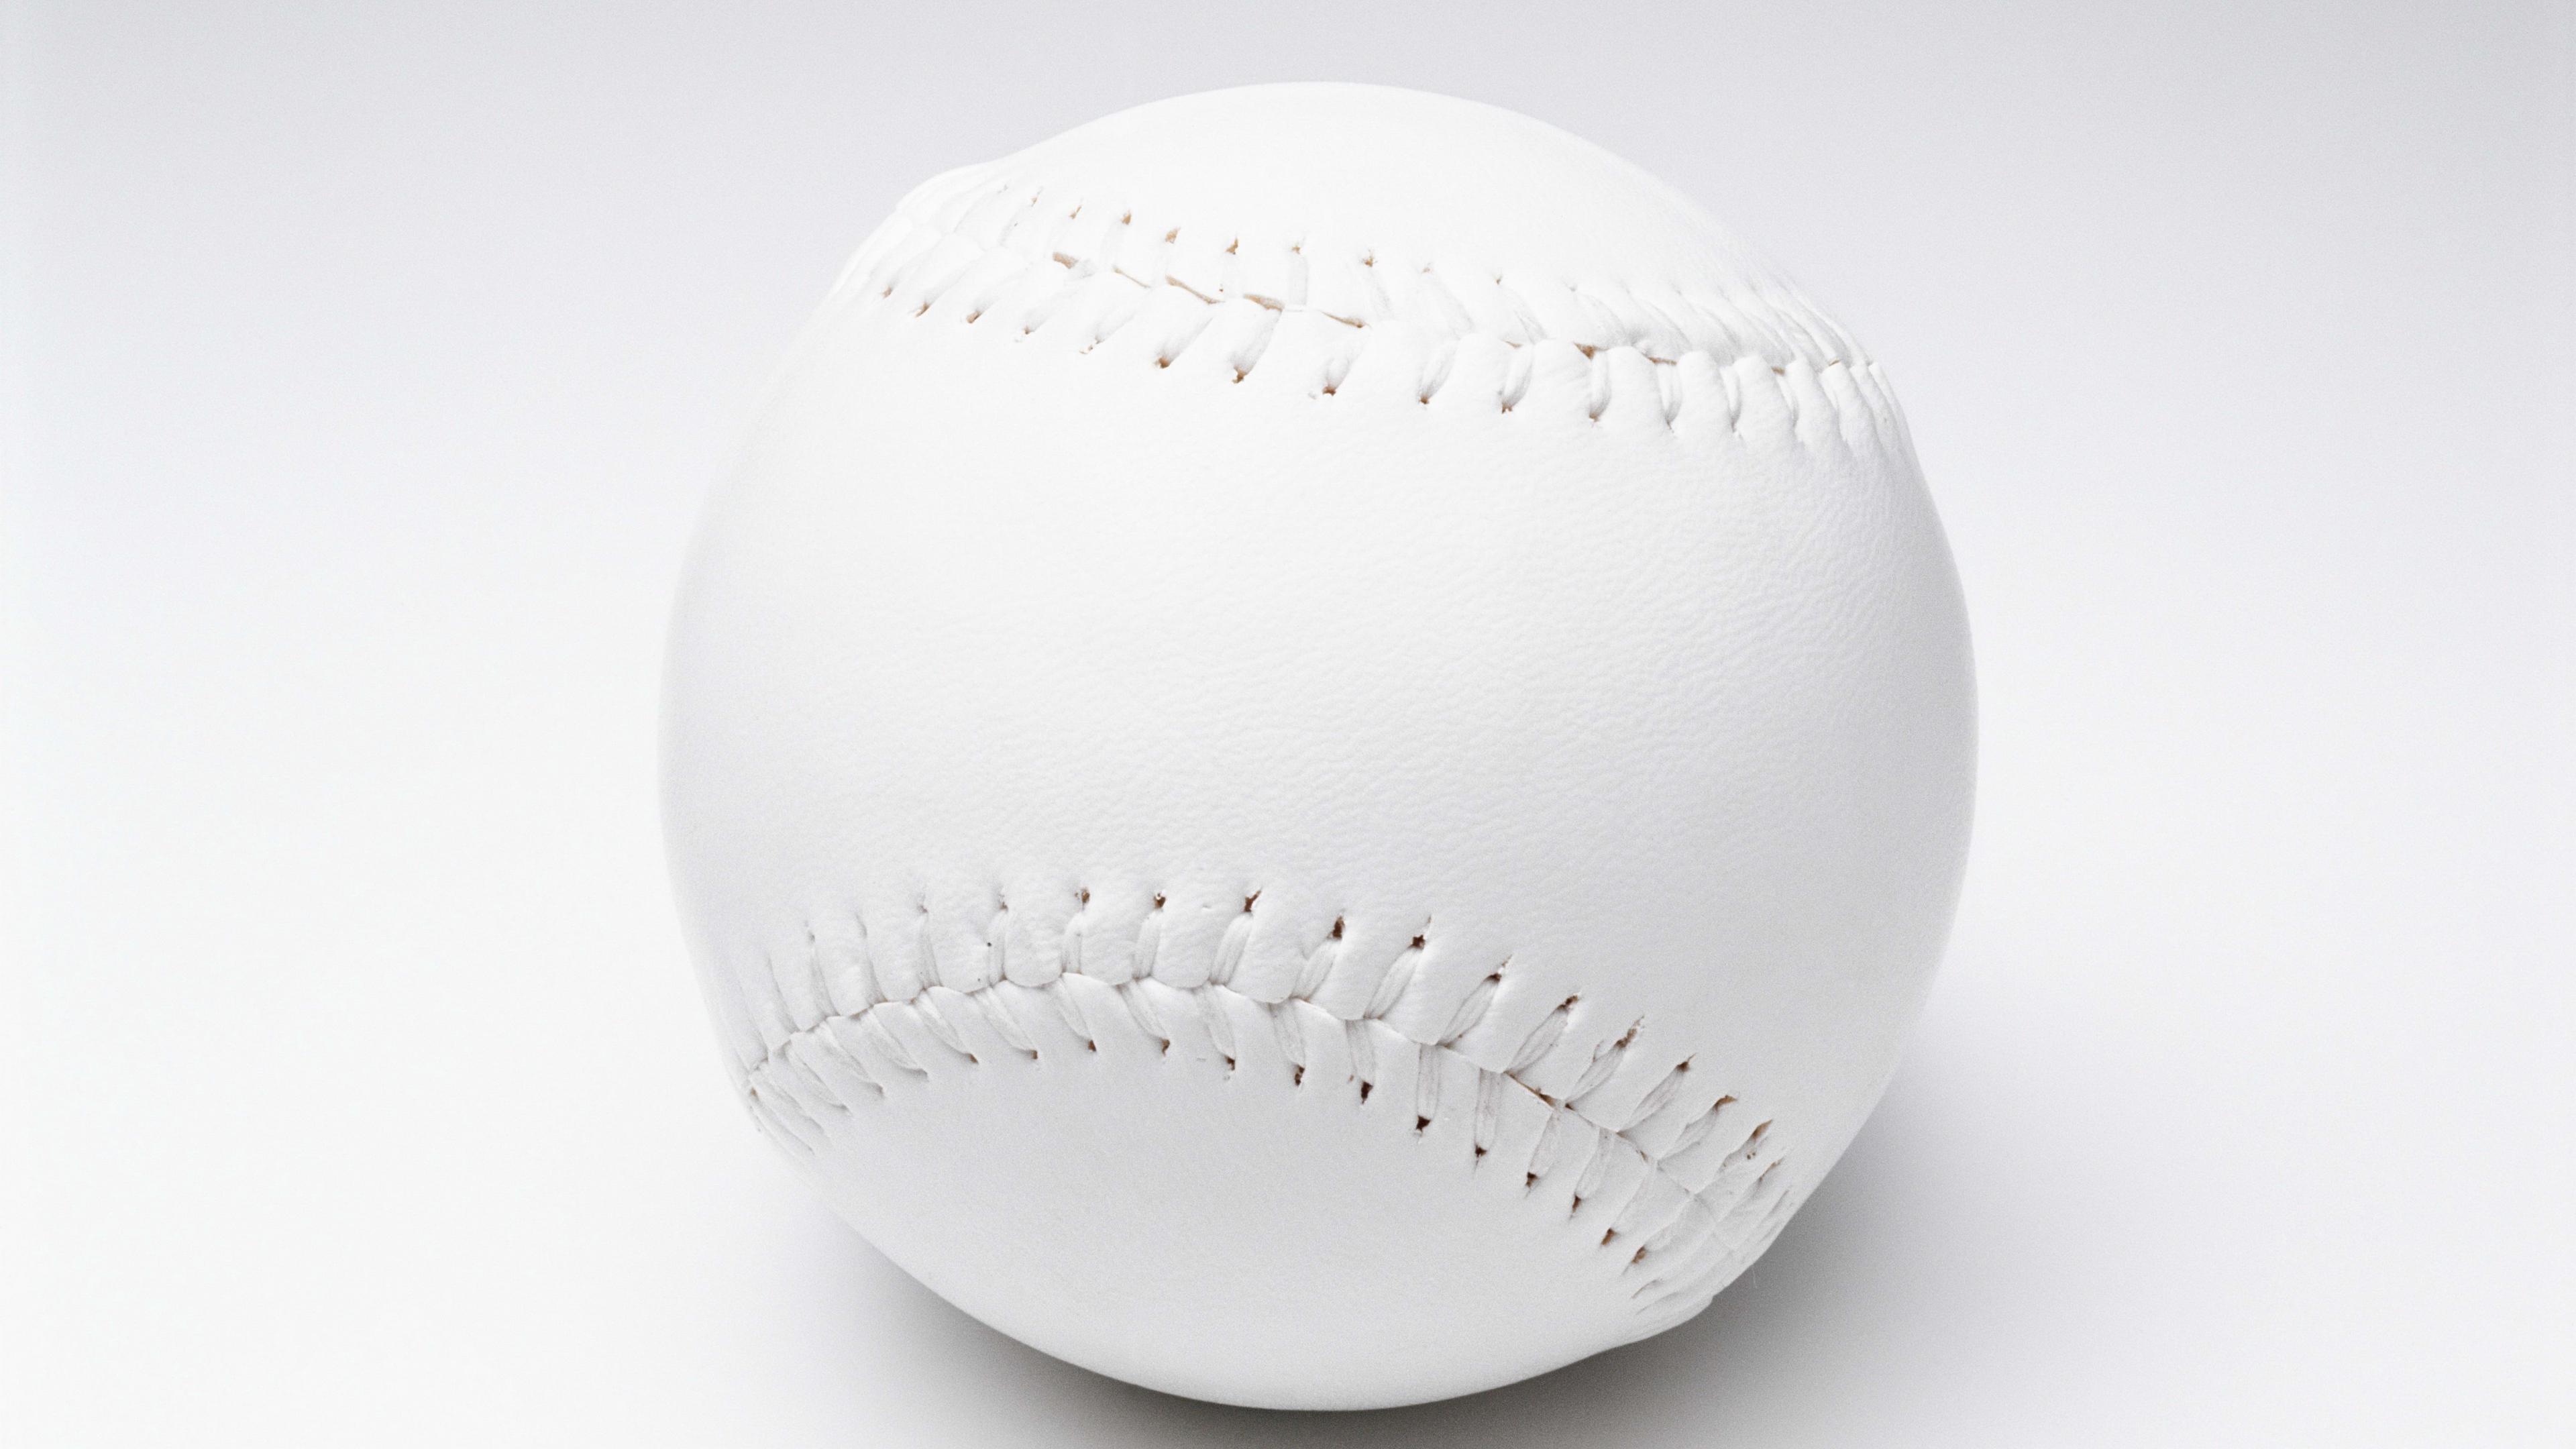 baseball ball white background 4k 1540062546 - baseball, ball, white background 4k - white background, Baseball, Ball